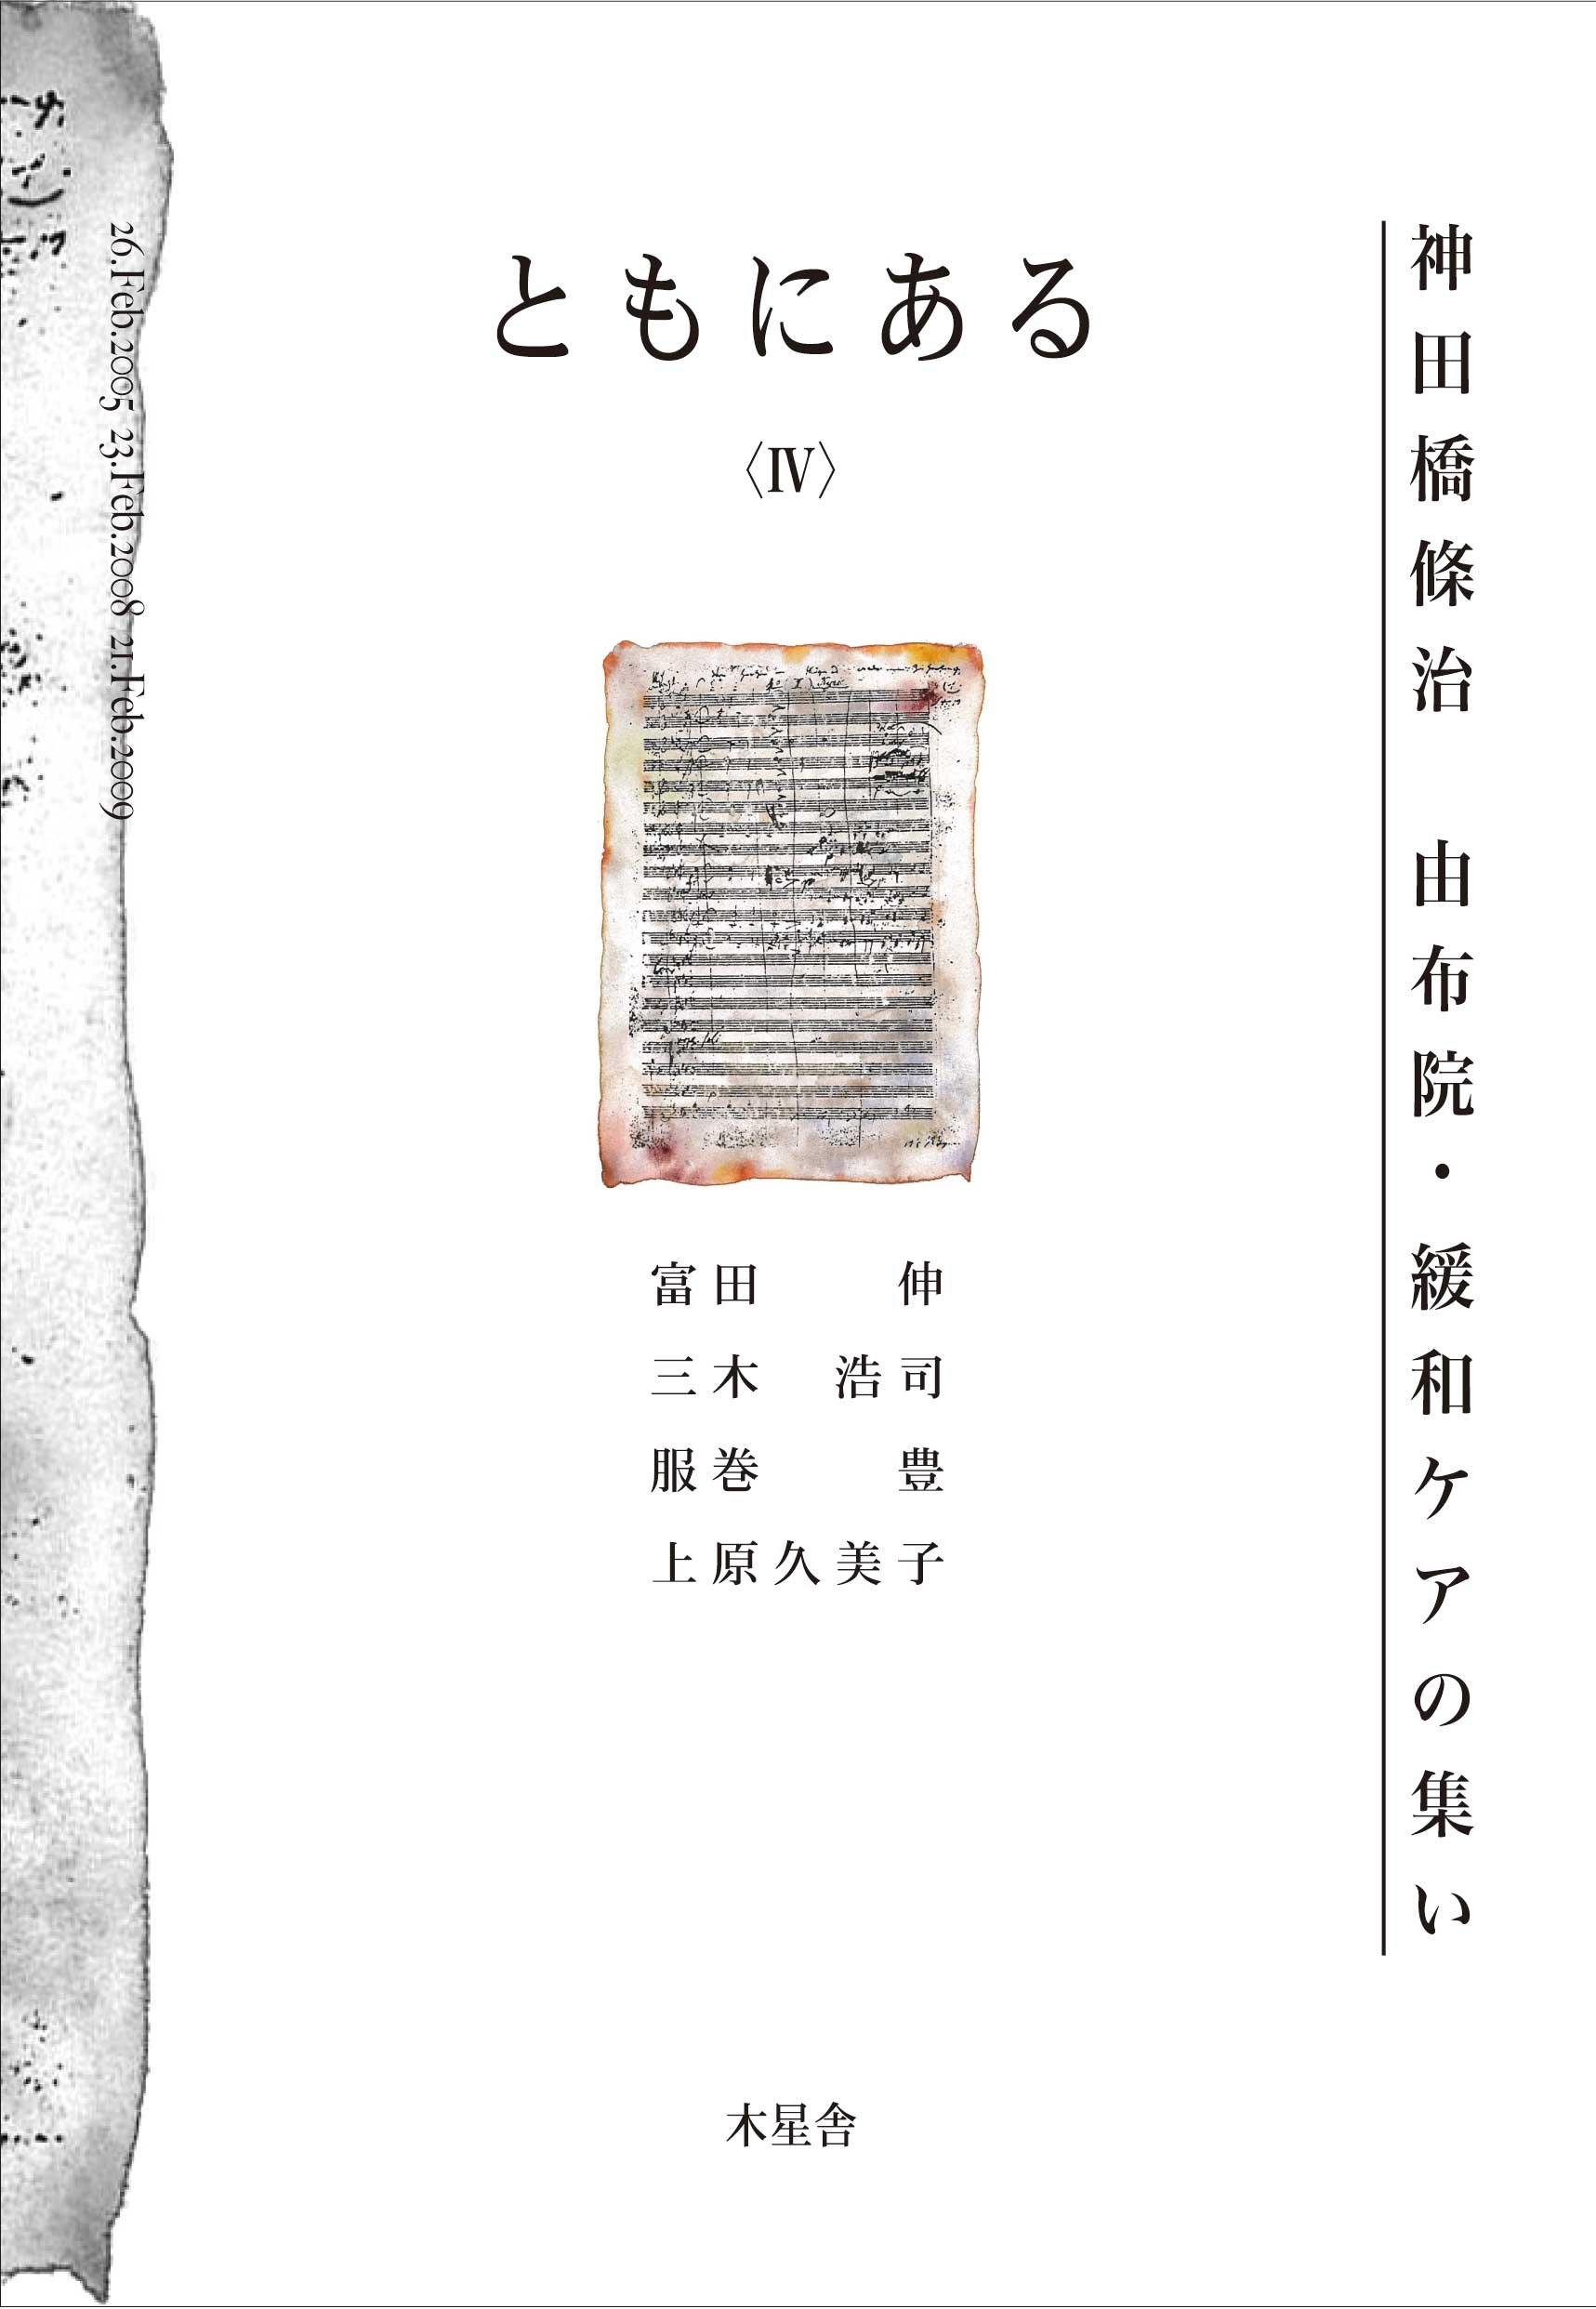 Tomo ni aru : kandabashi jōji yufuin kanwa kea no tsudoi 4 pdf